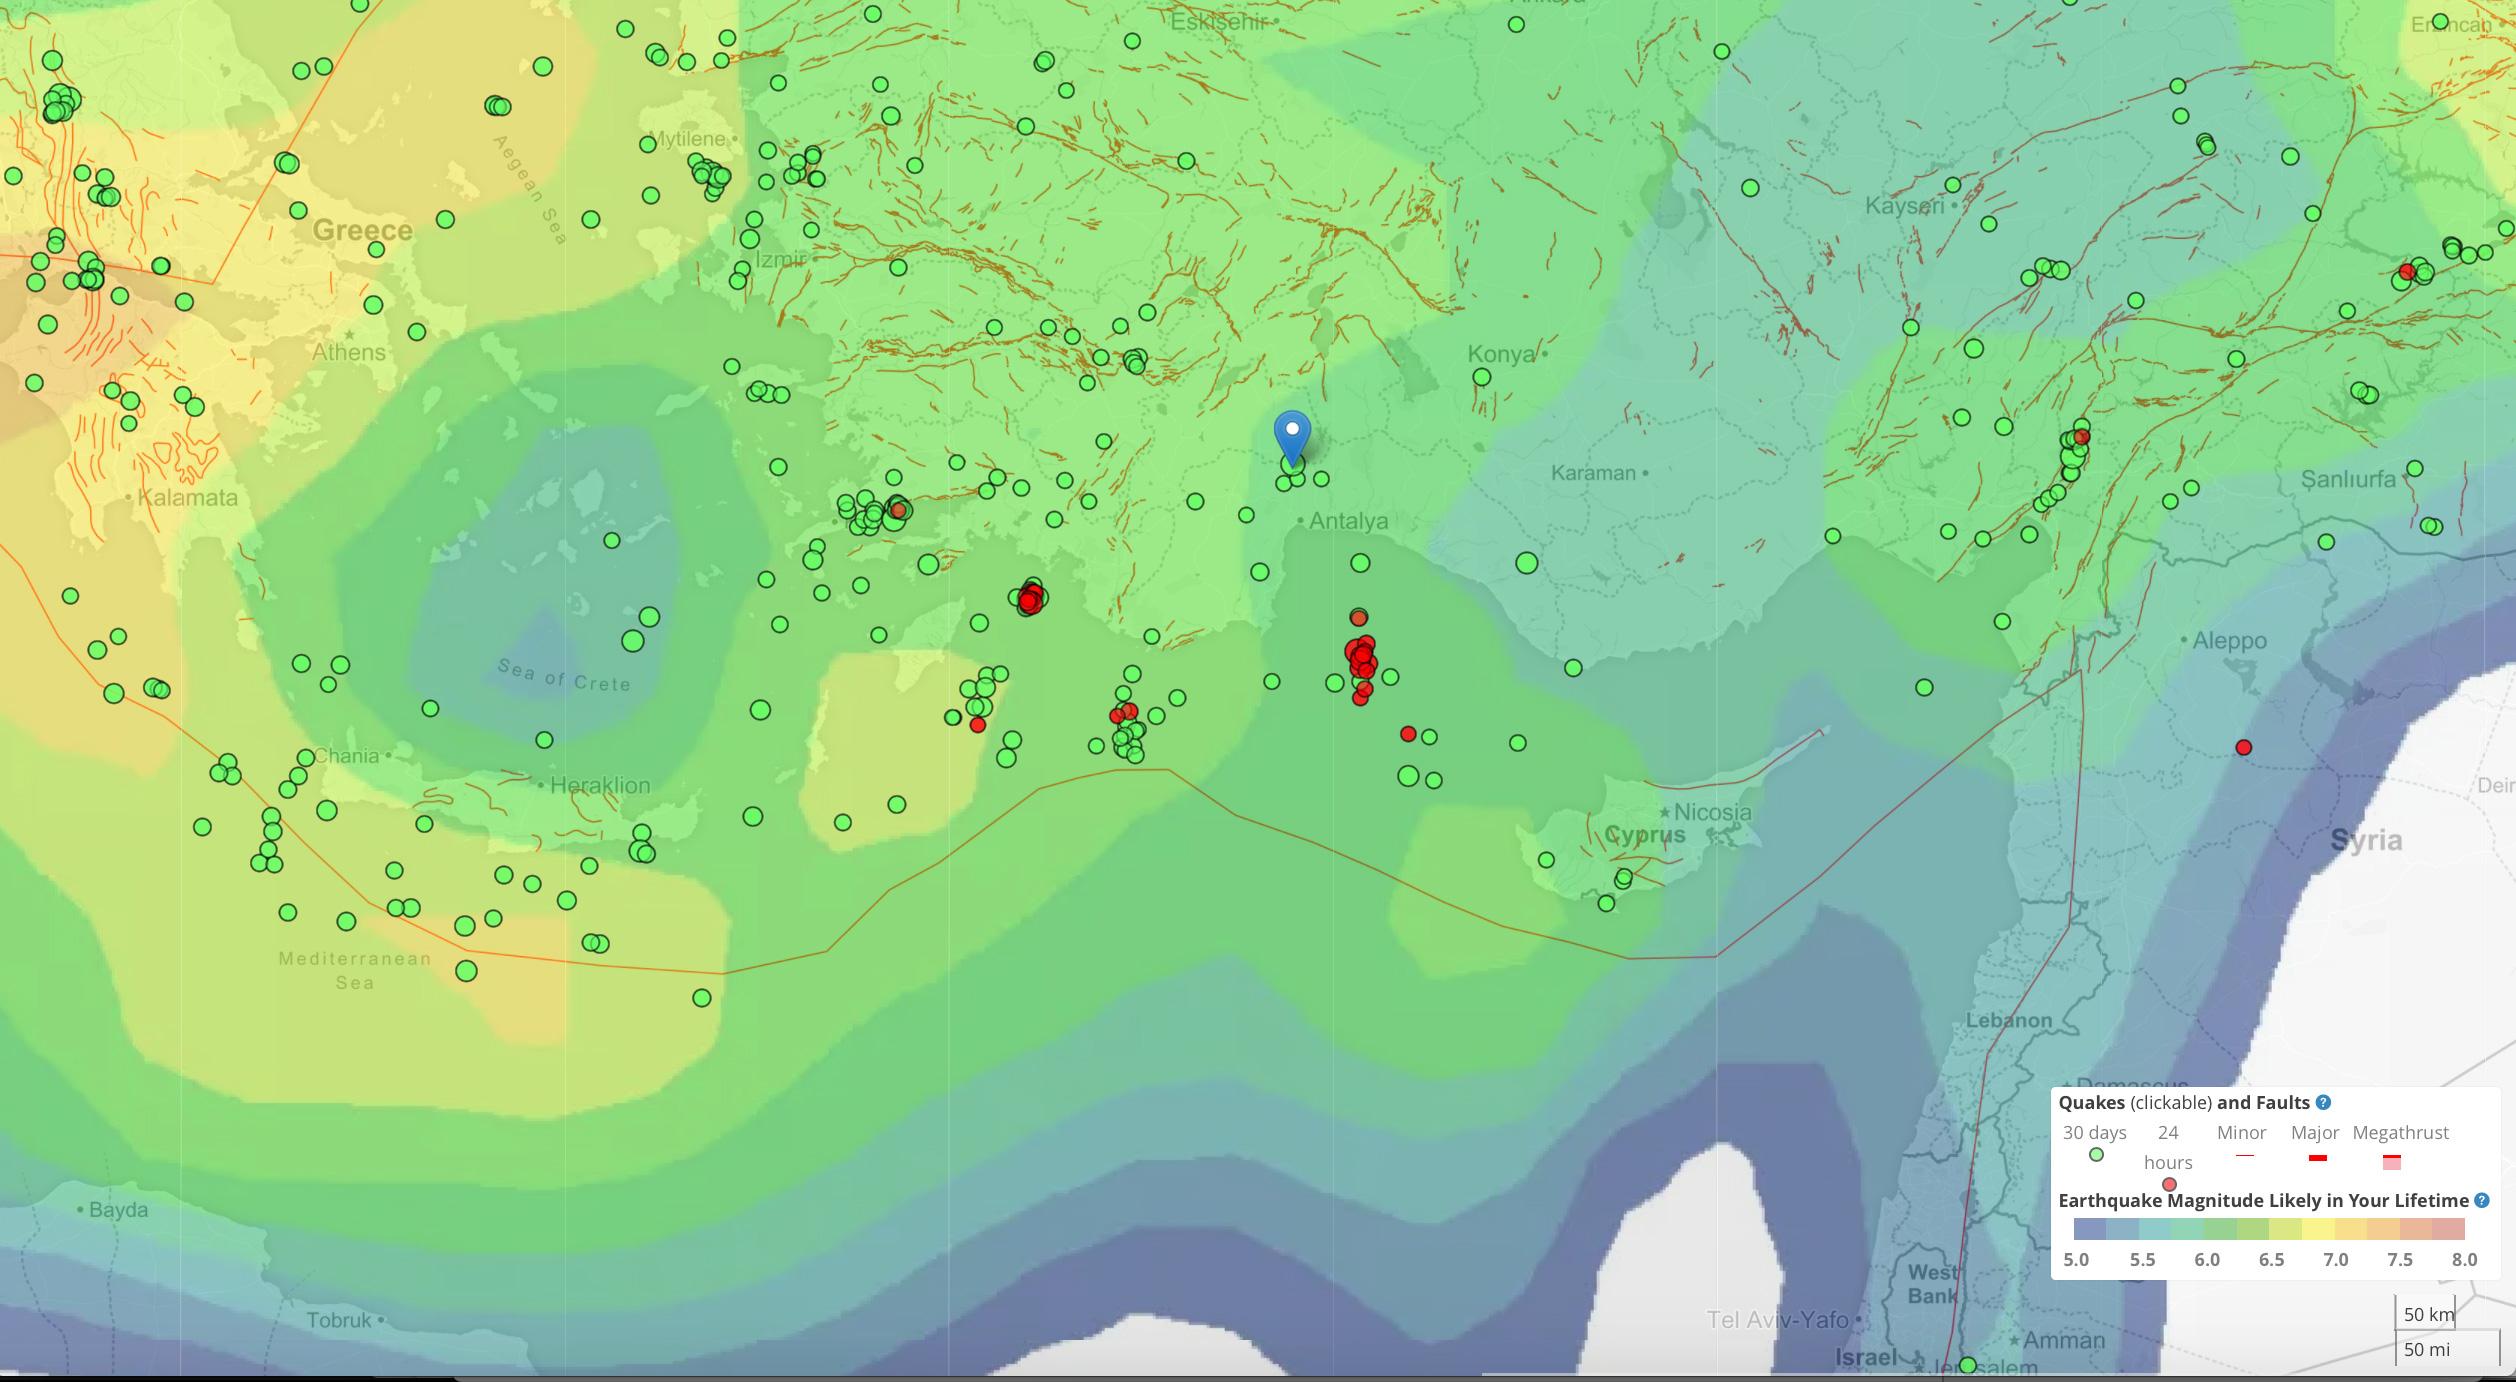 Temblor app'e bakıldığında, bu bölgede 6 büyüklüğündeki bir depremin olma olasılığının yılda %1 olduğu görülmektedir. Bu olasılığa göre, ortalama 85 yıl yaşayan birisinin bu büyüklükte bir depremi yaşaması beklenmektedir. Dolayısıyla hazırlıklarımızı en az bu depreme dayanabilecek şekilde yapmalıyız.